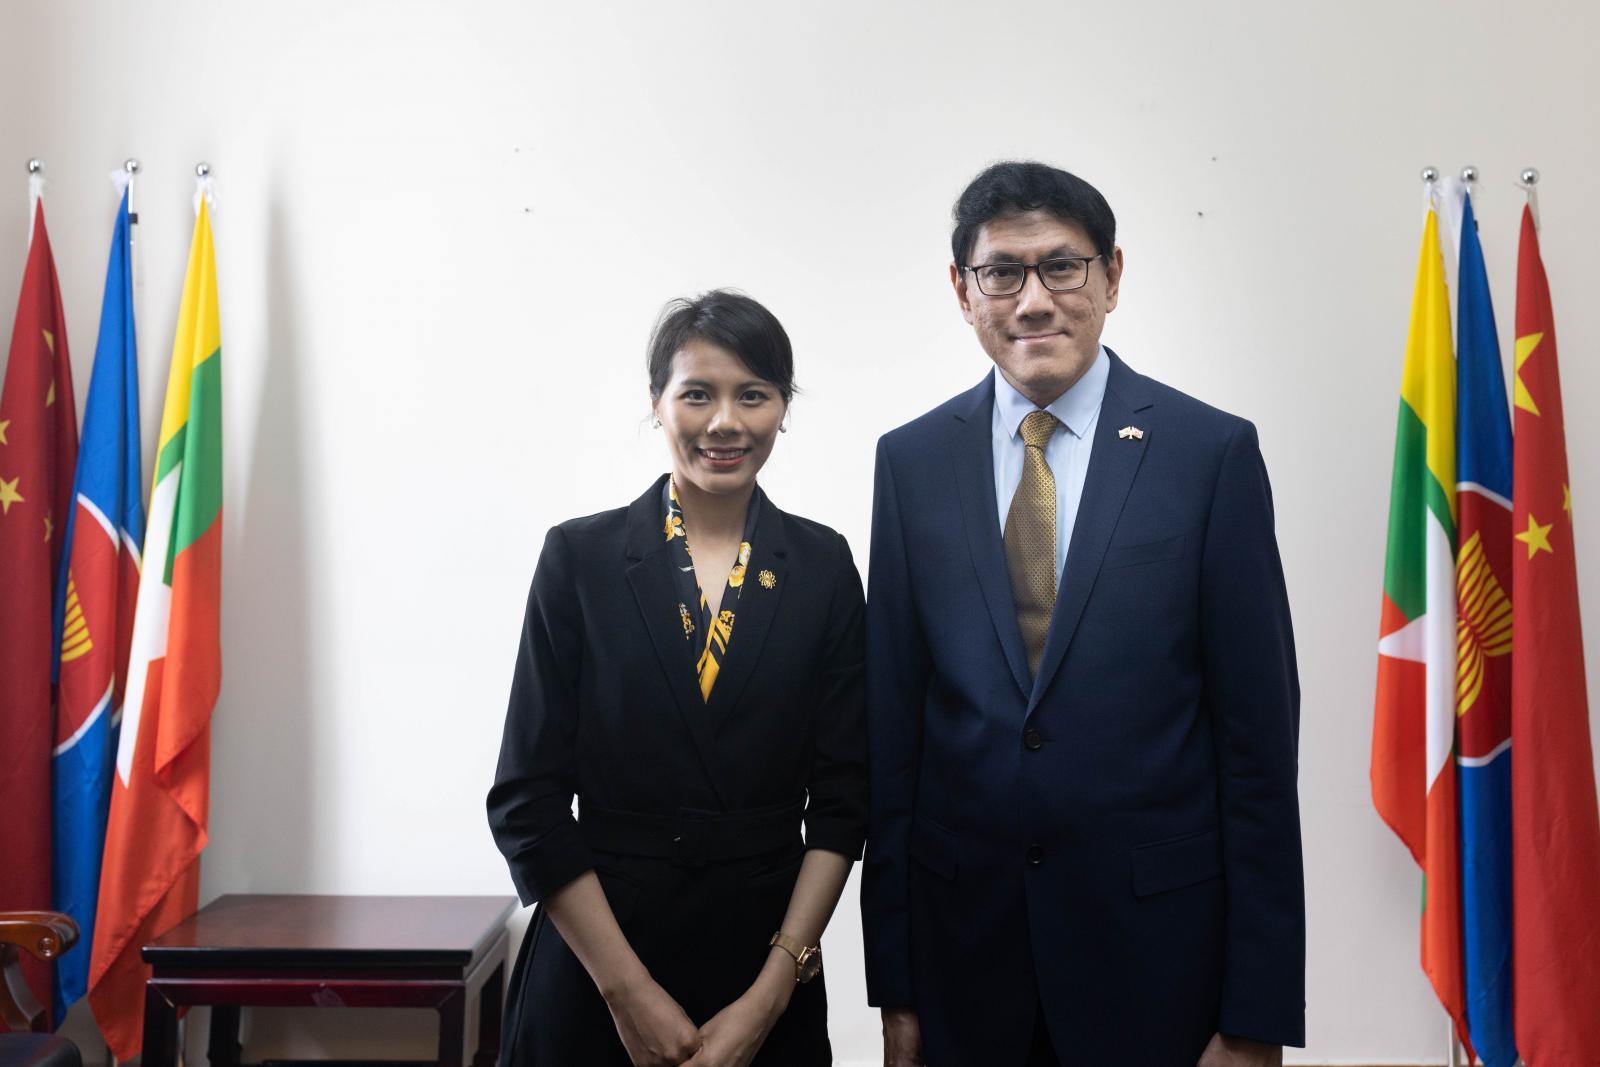 缅甸联邦共和国驻华大使苗丹佩接受东博社记者采访(摄影 陈宇)